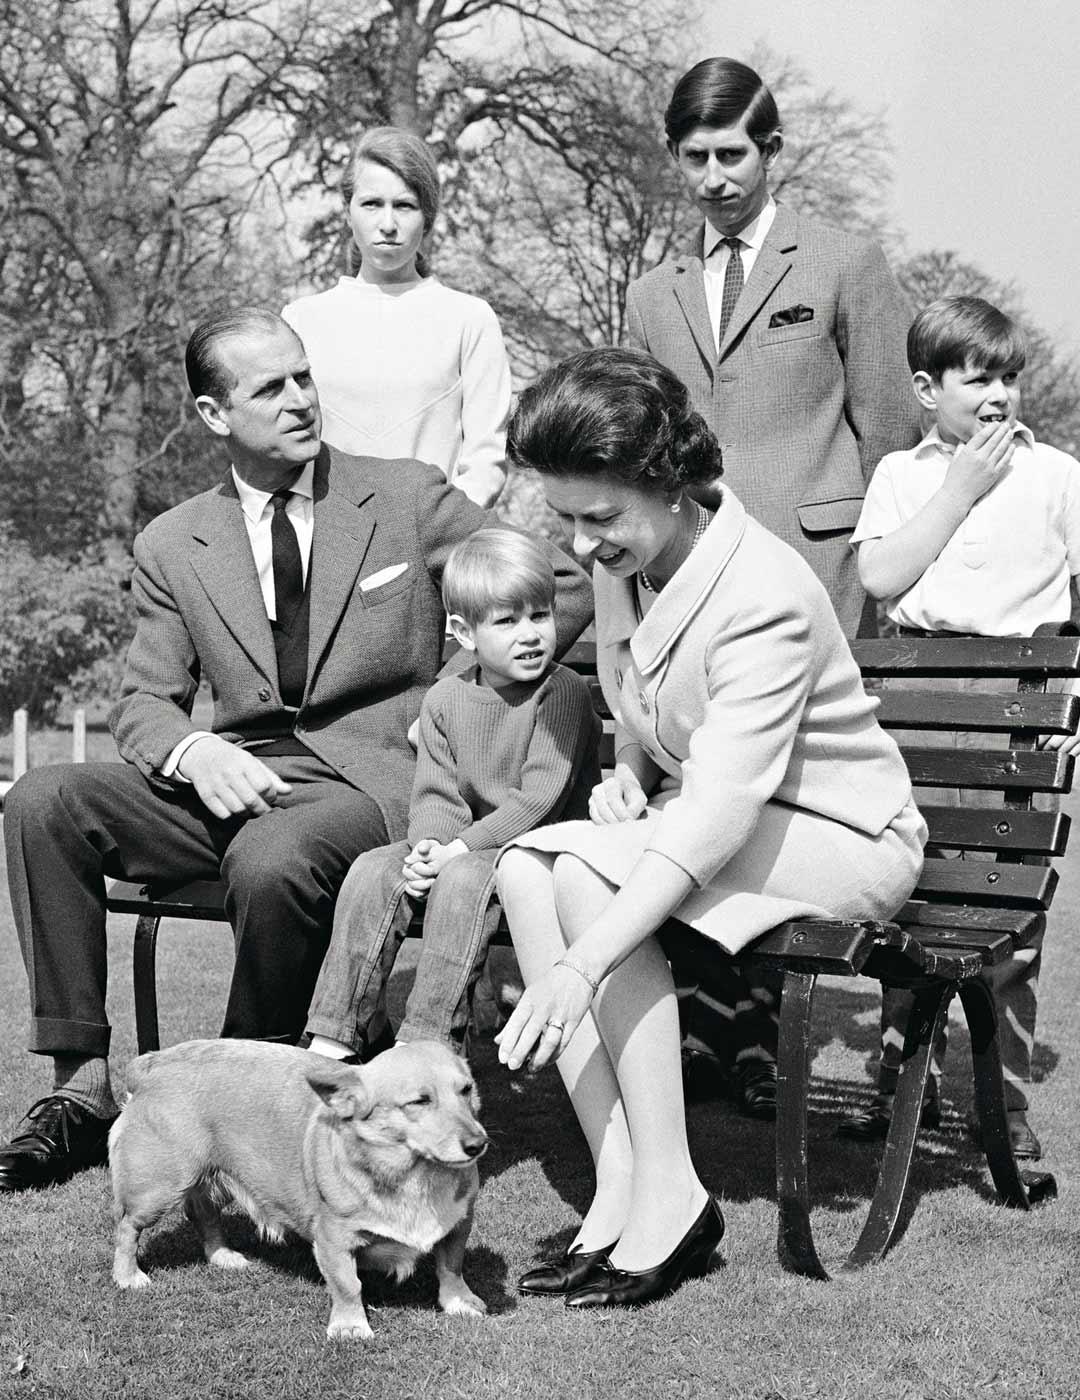 Kuninkaallinen perhe vuonna 1968. Istumassa Edinburghin herttua, prinssi Eward ja kuningatar Elisabet, takana prinsessa Anne, prinssi Charles ja prinssi Andrew.